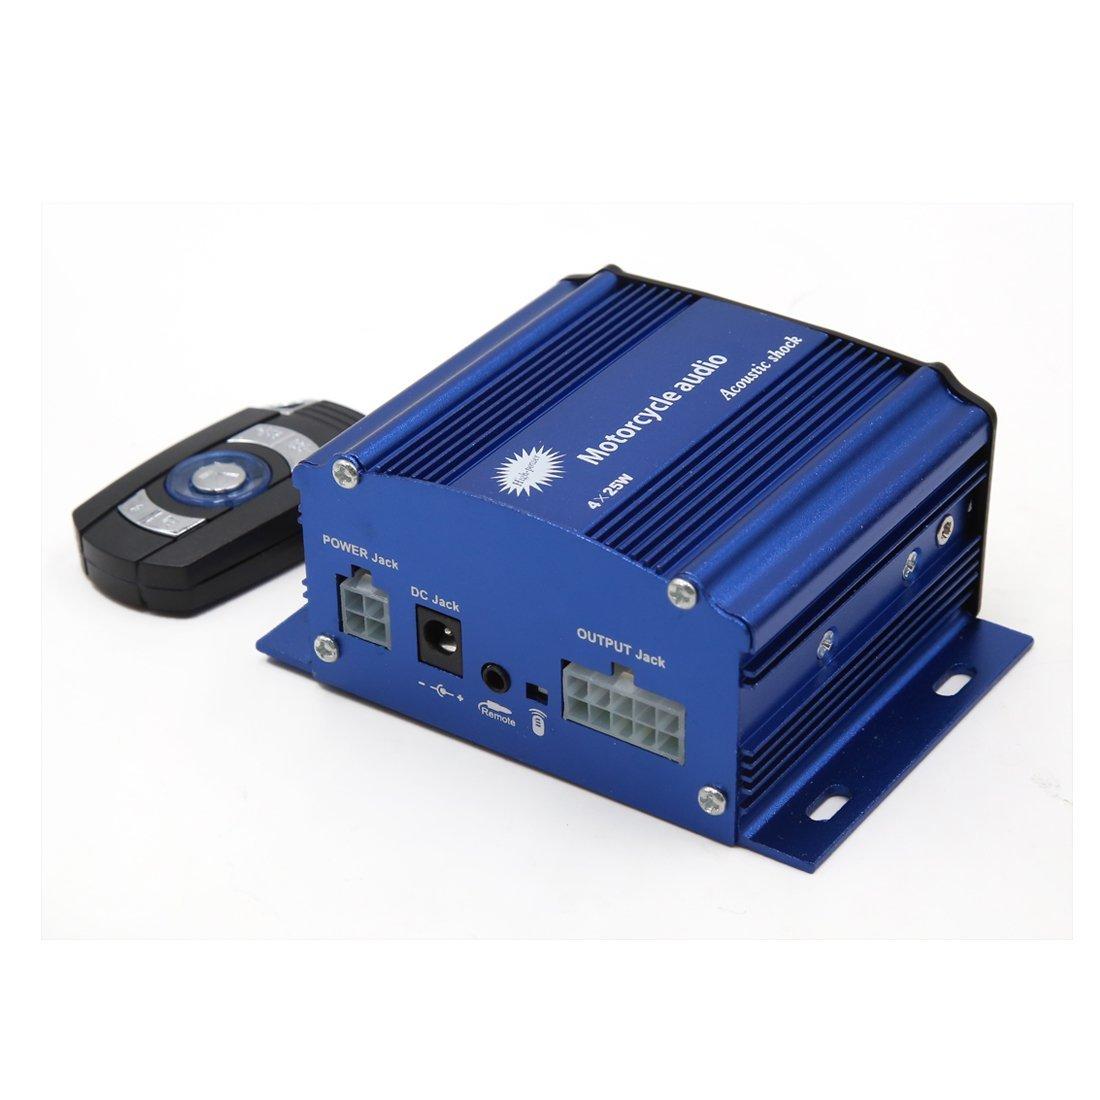 Amazon.com: eDealMax 2pcs Negro Azul antirrobo del USB MP3 del altavoz del amplificador de Audio estéreo DC 12V Para la motocicleta: Home Audio & Theater